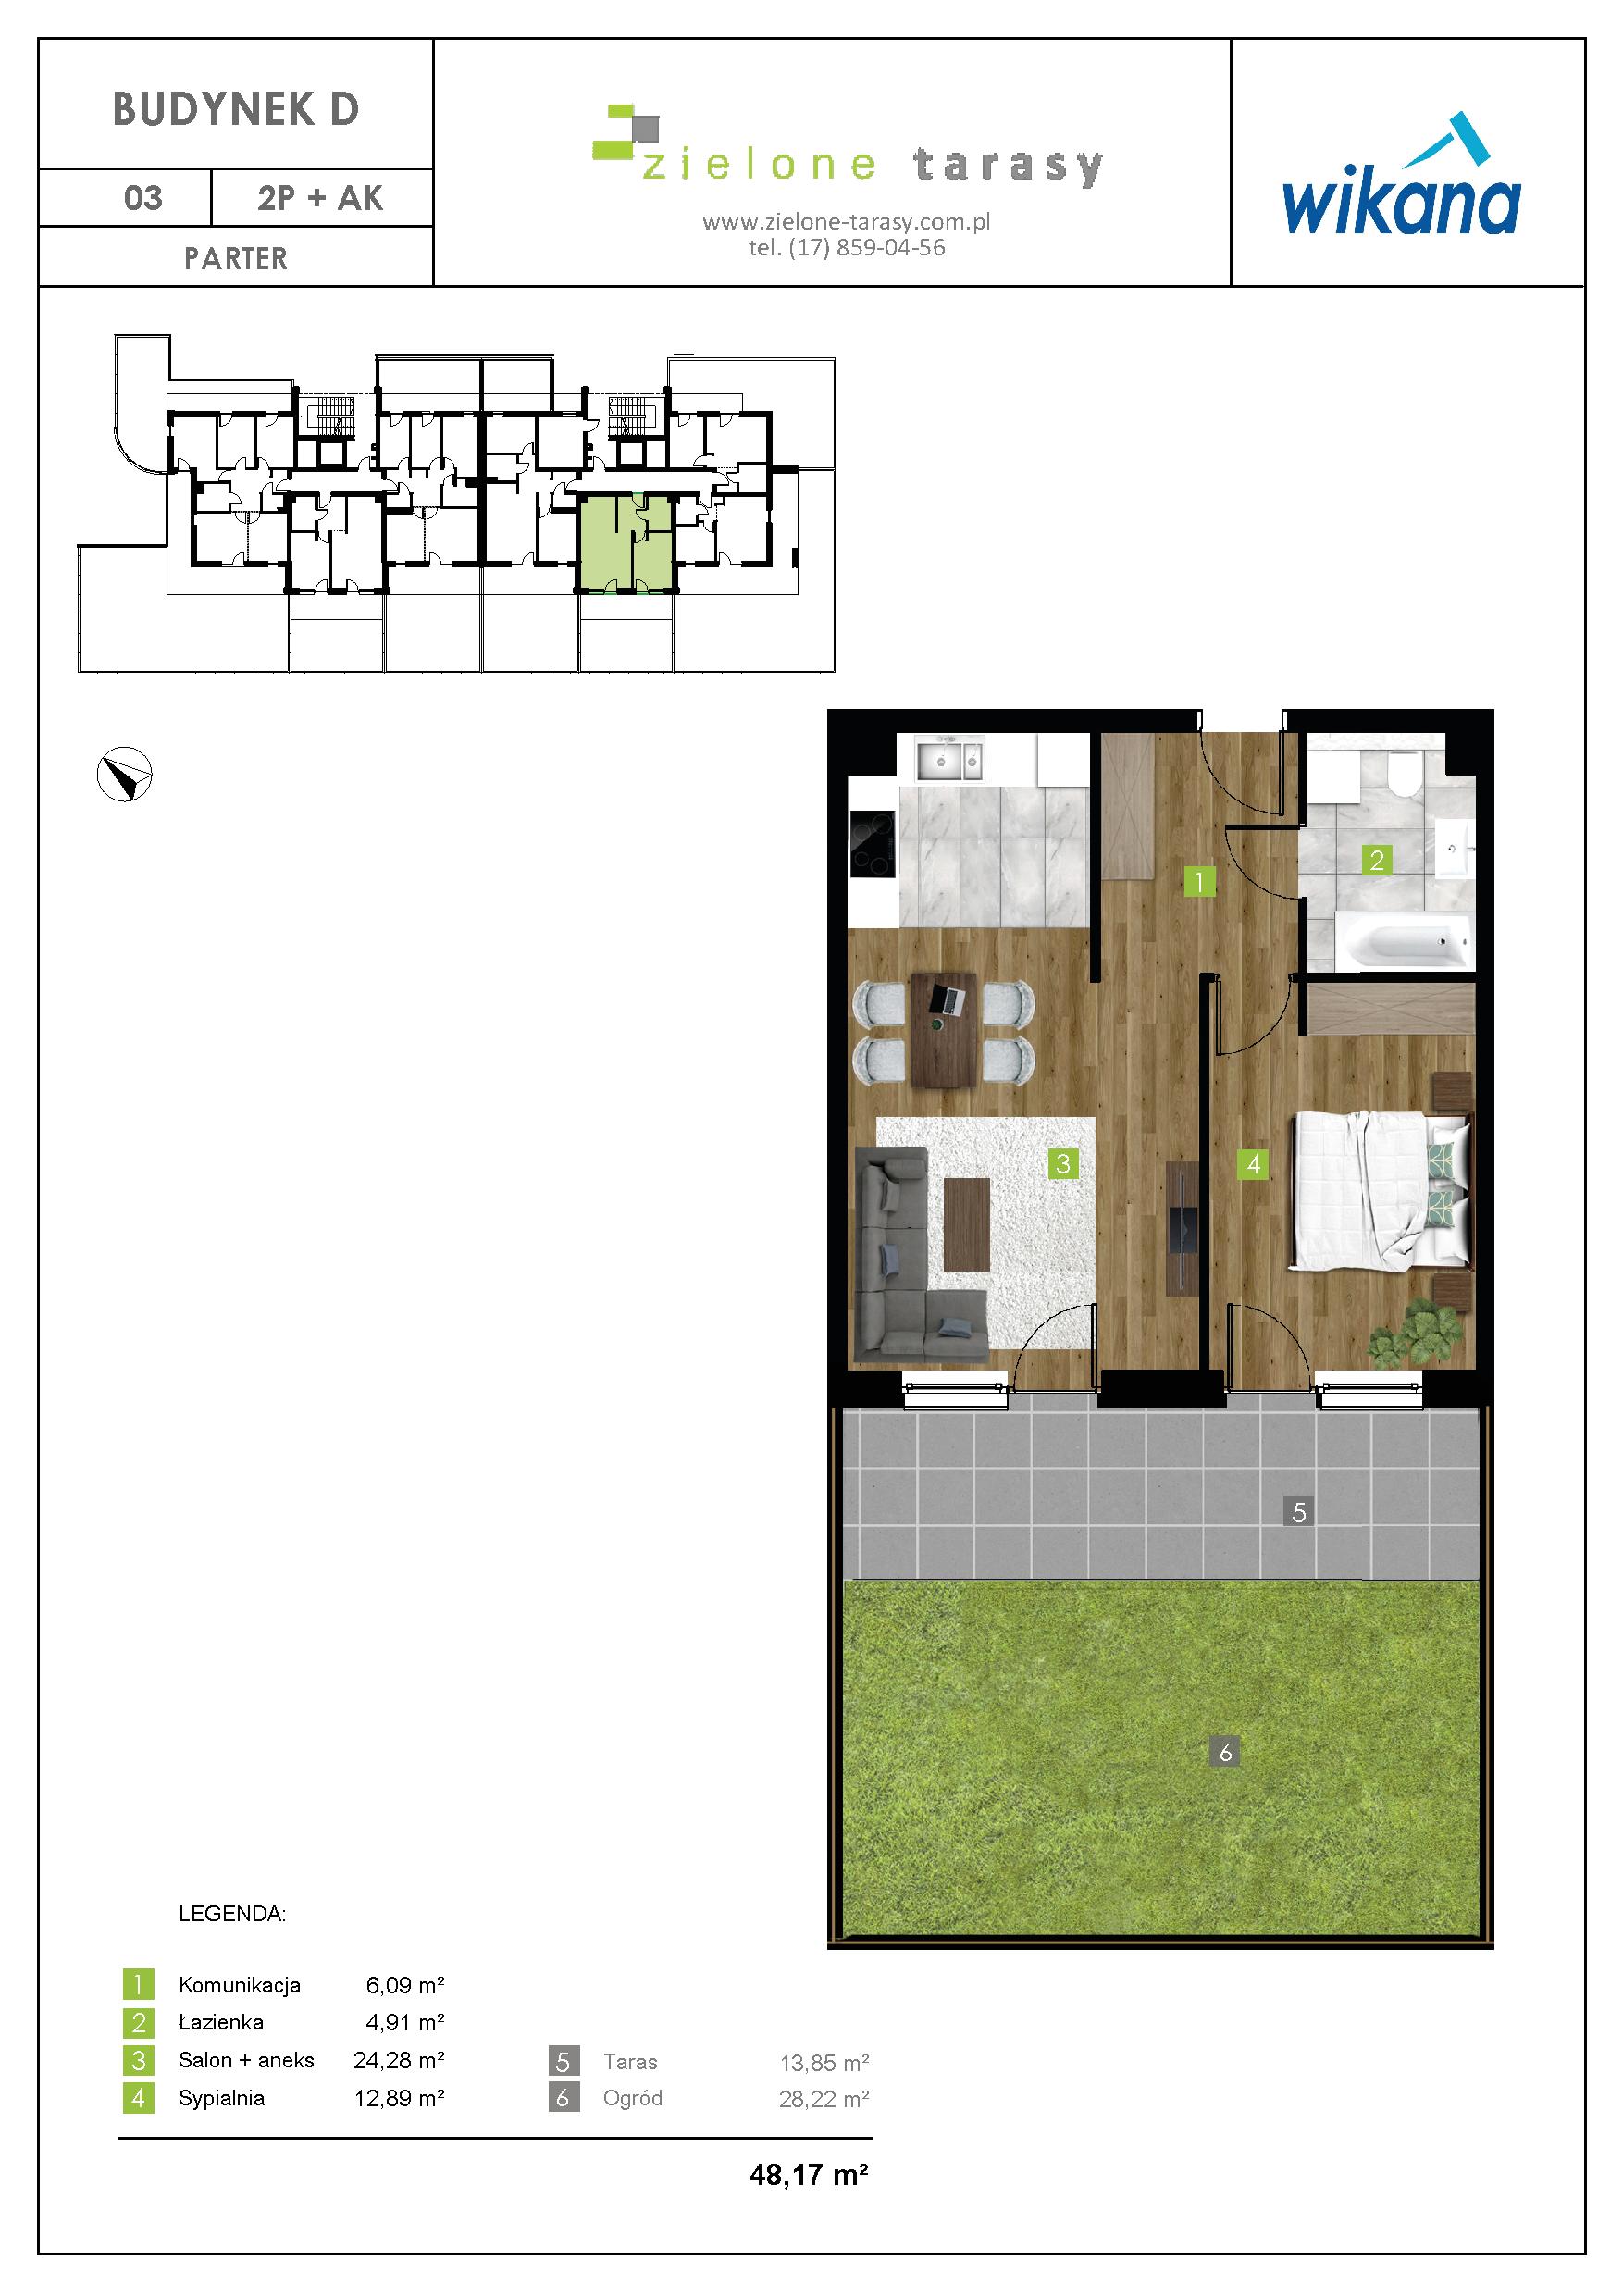 sprzedaż mieszkań rzeszów - D-03